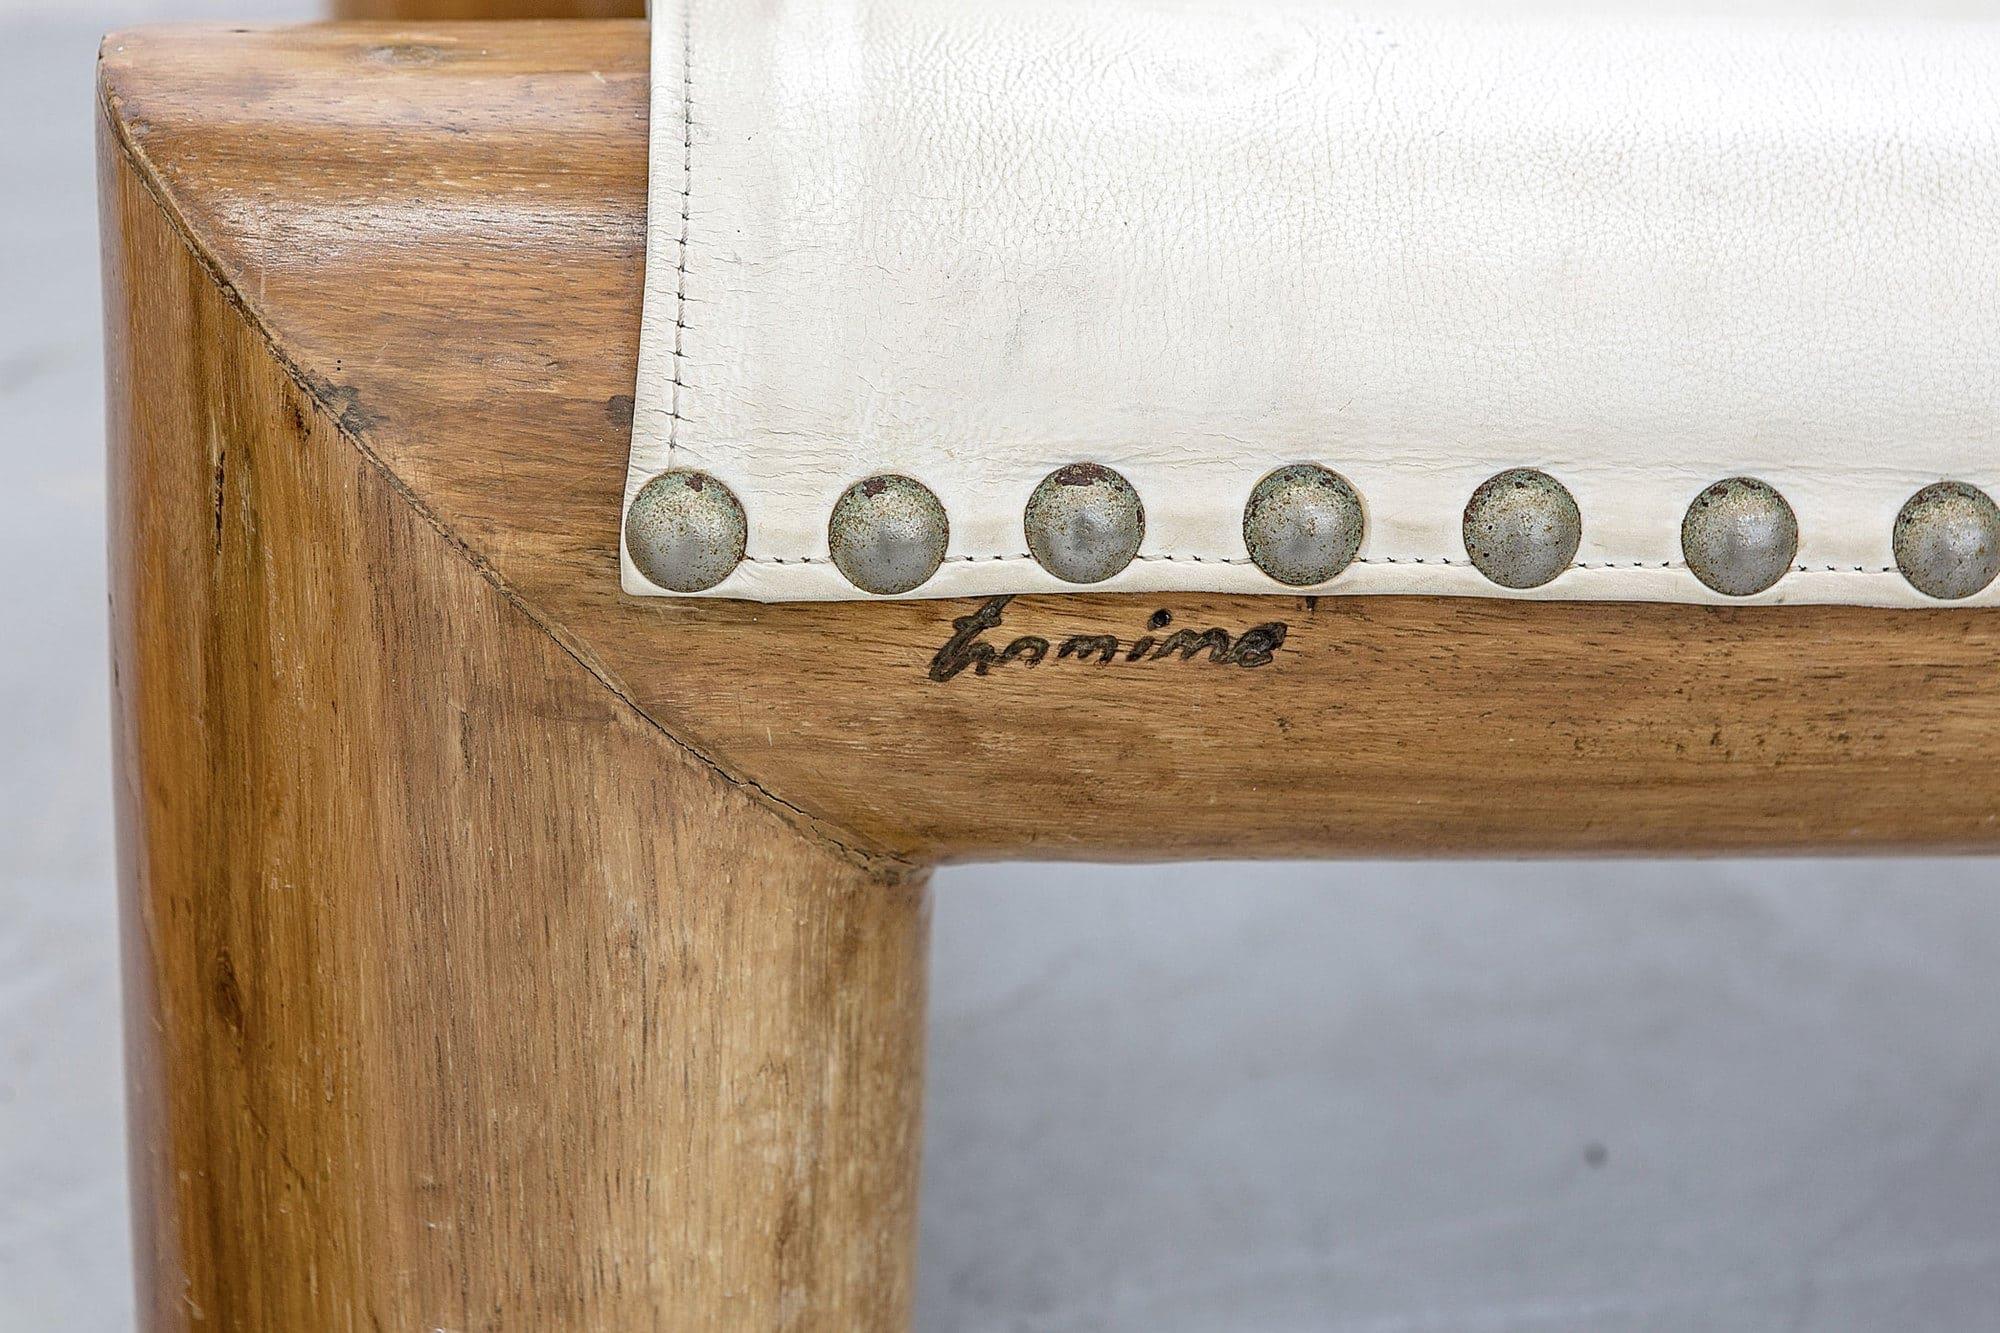 Jose Zanine Caldas, Très rare paire de sièges 'Tronco' (vendue), vue 02